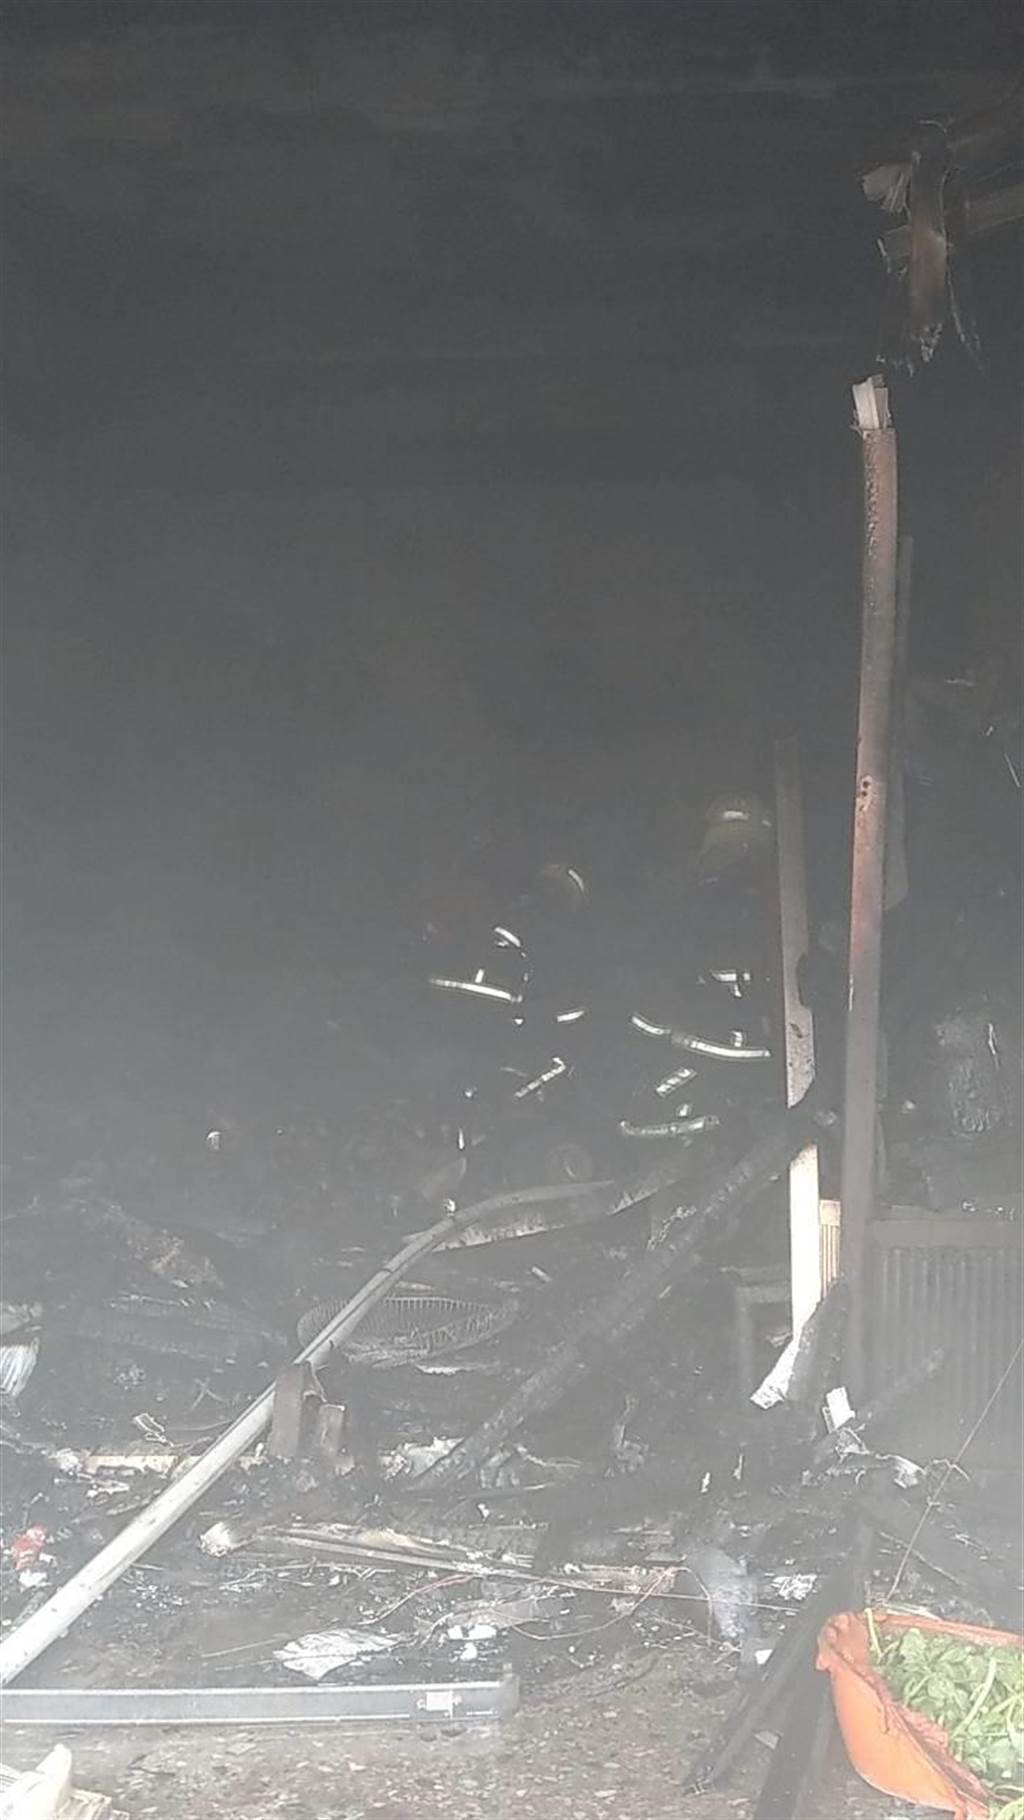 彰化縣線西鄉中央路二段今天中午發生住宅火警,火苗從一樓竄燒,彰化縣消防第一大隊救援。(彰化縣消防局提供/吳敏菁彰化傳真)